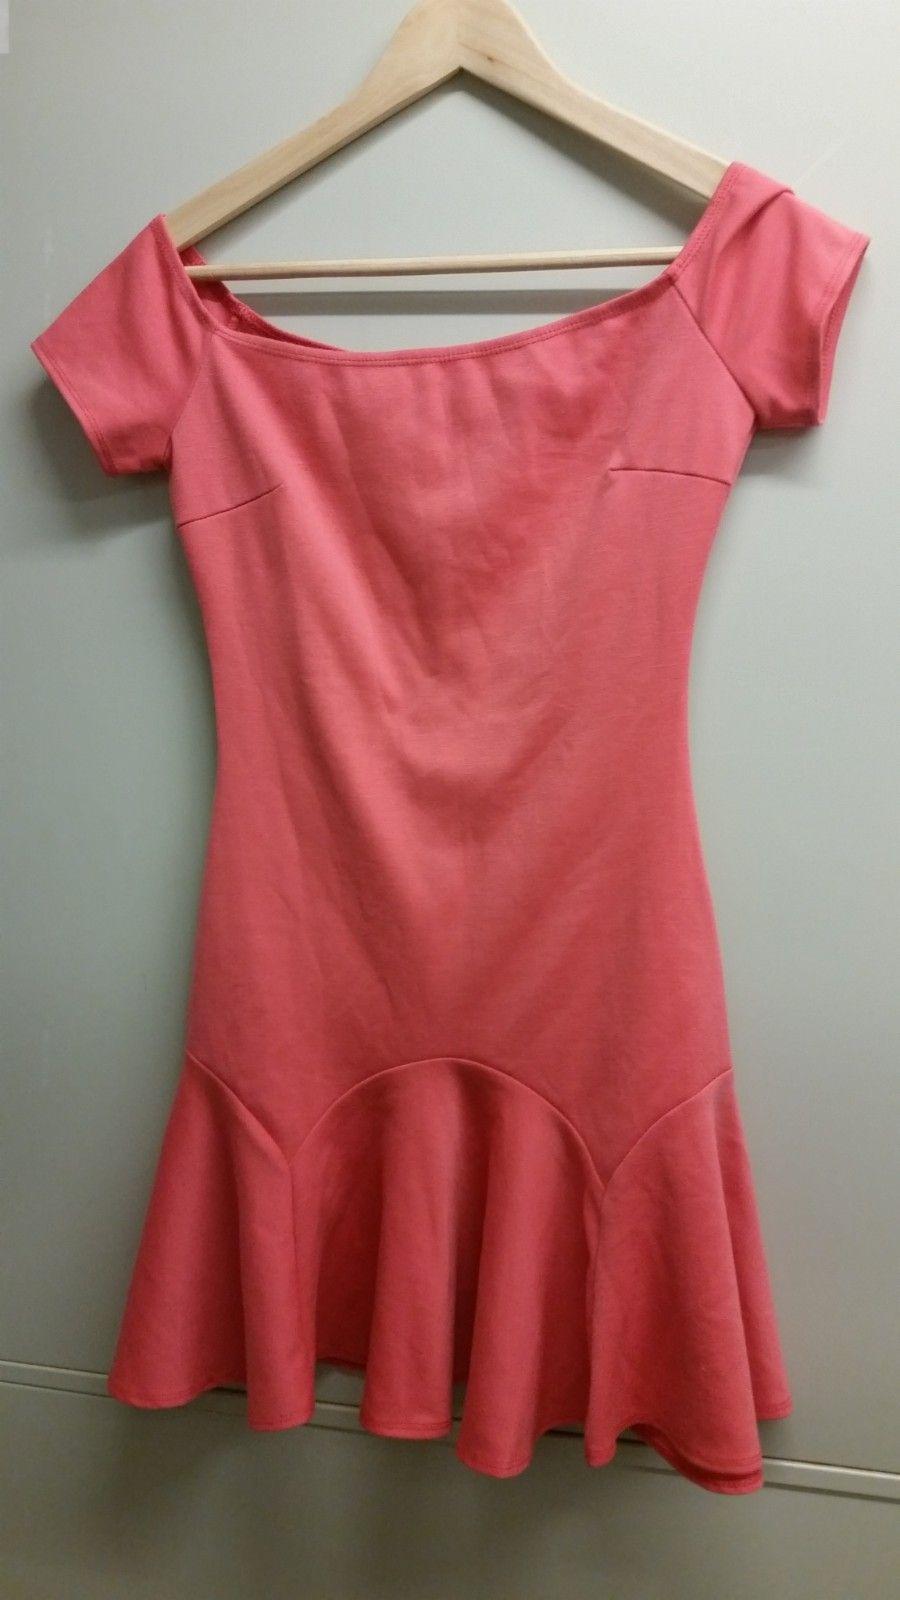 d47c2d6f Oneness bardot kjole korall, str xs | FINN.no